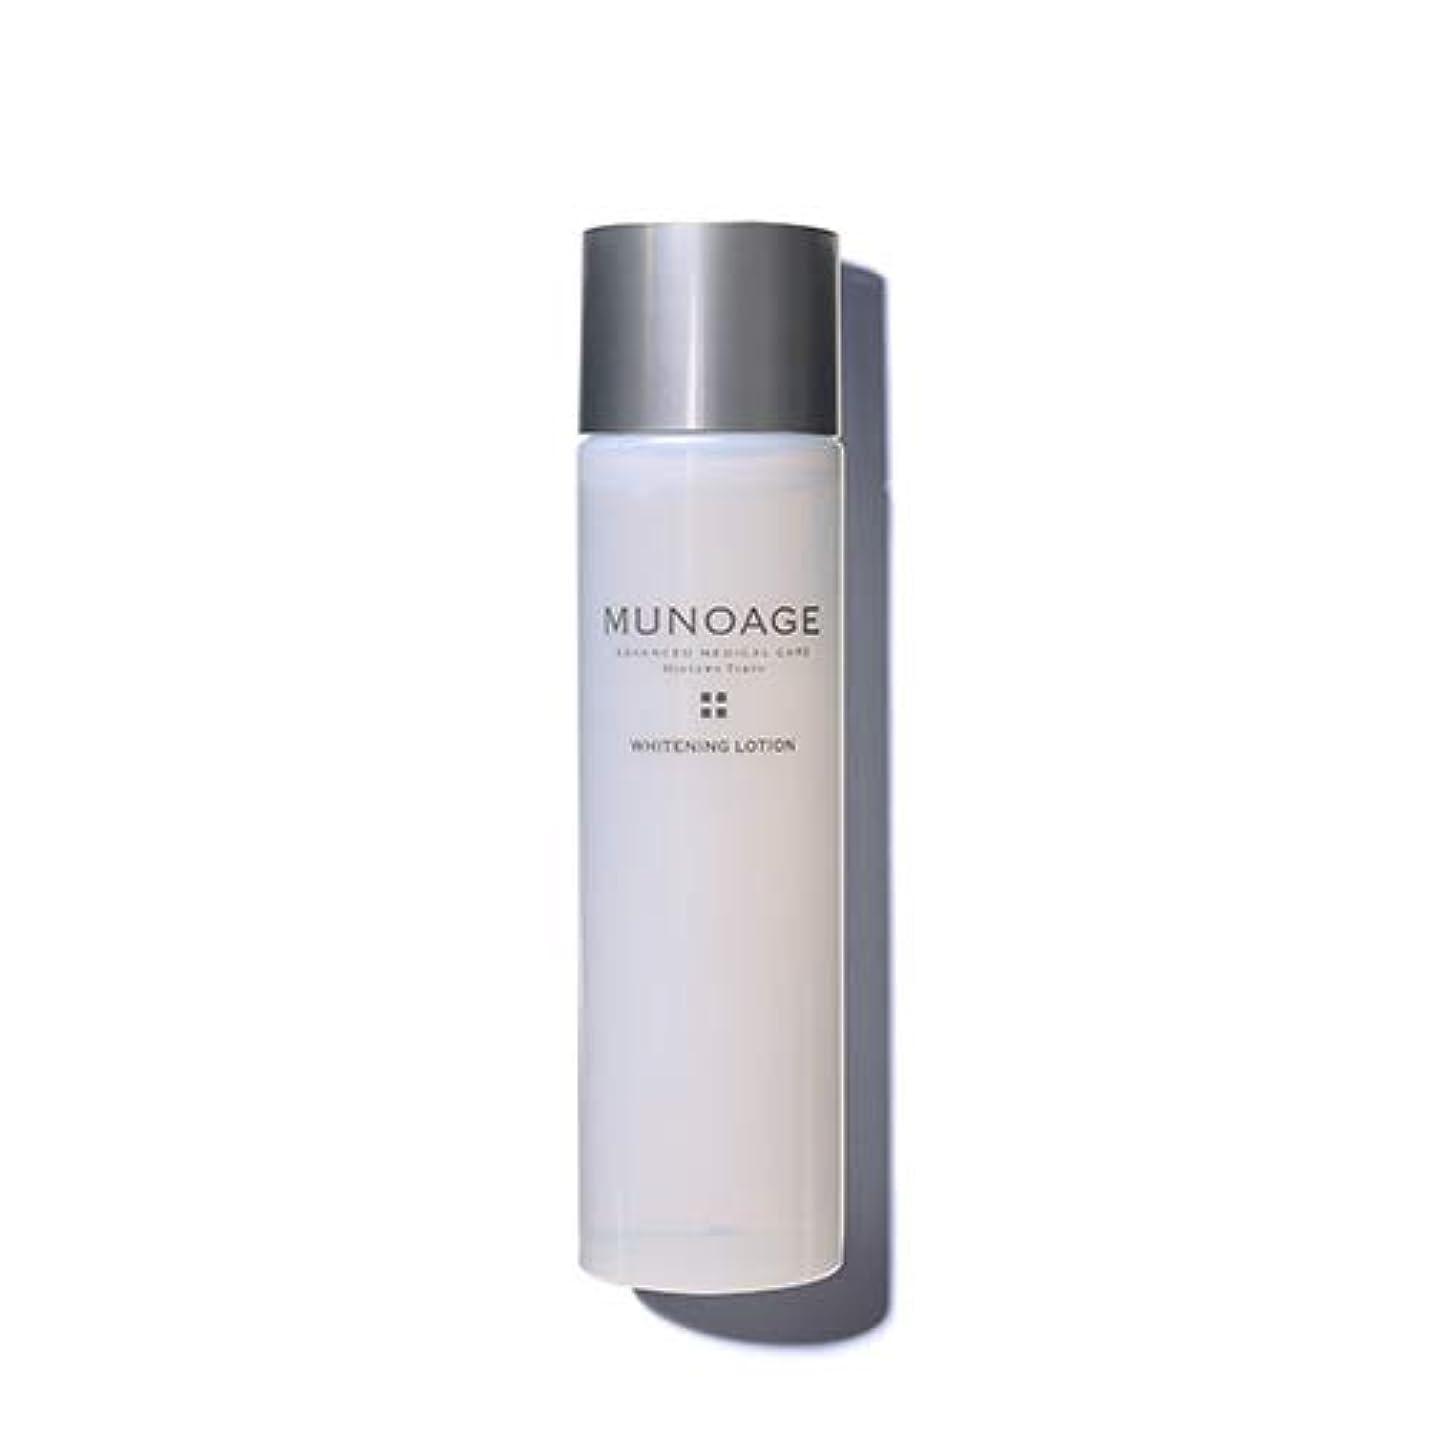 陰謀ピルファーマイクロMUNOAGE ホワイトニングローション 150ml【薬用美白化粧水】 さっぱりタイプ 透明感のある素肌へ ビタミンC 高保湿【限定プレゼントセット】